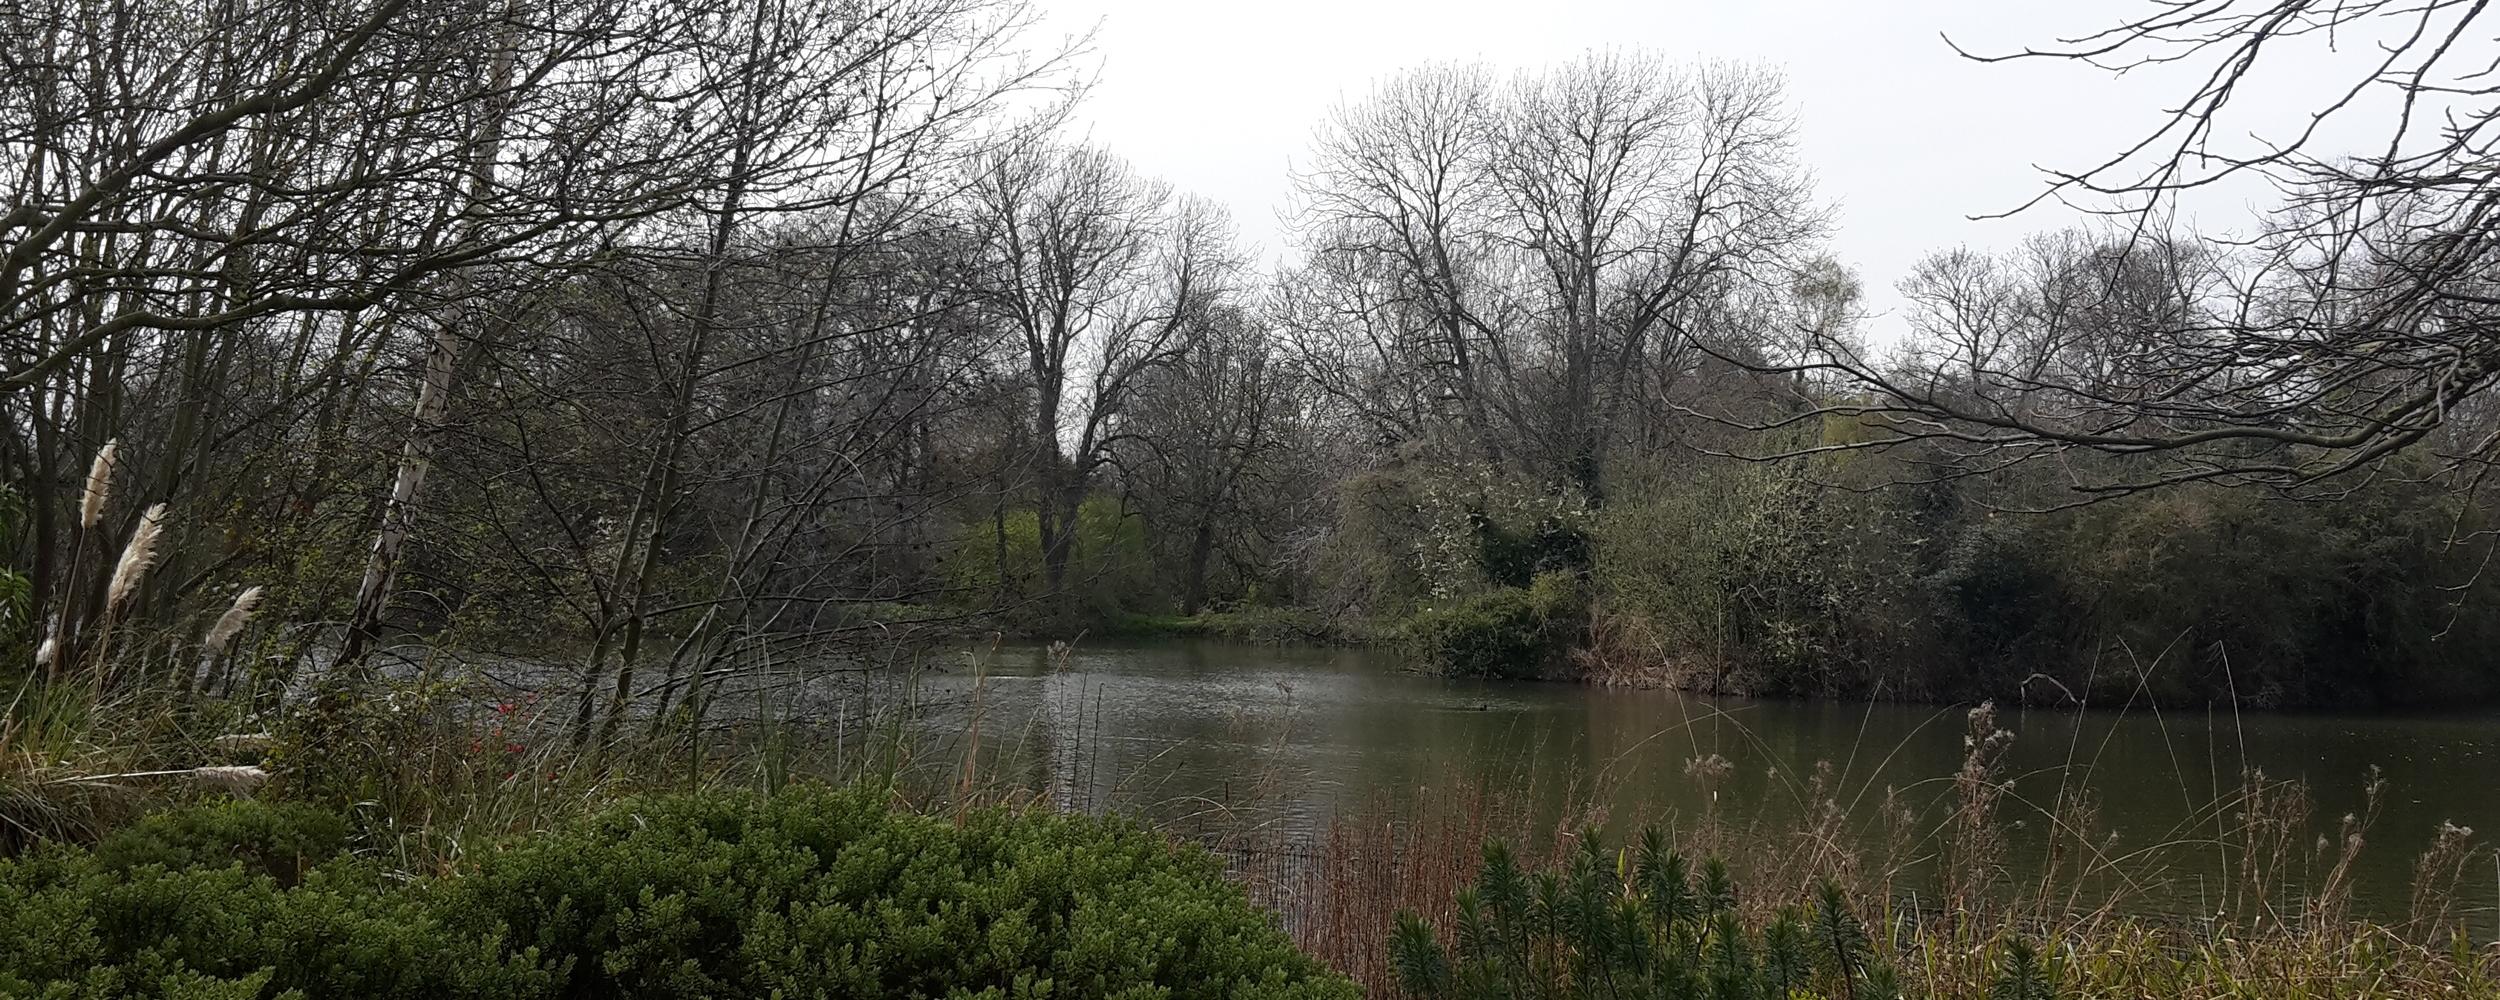 The lake at Battersea Park